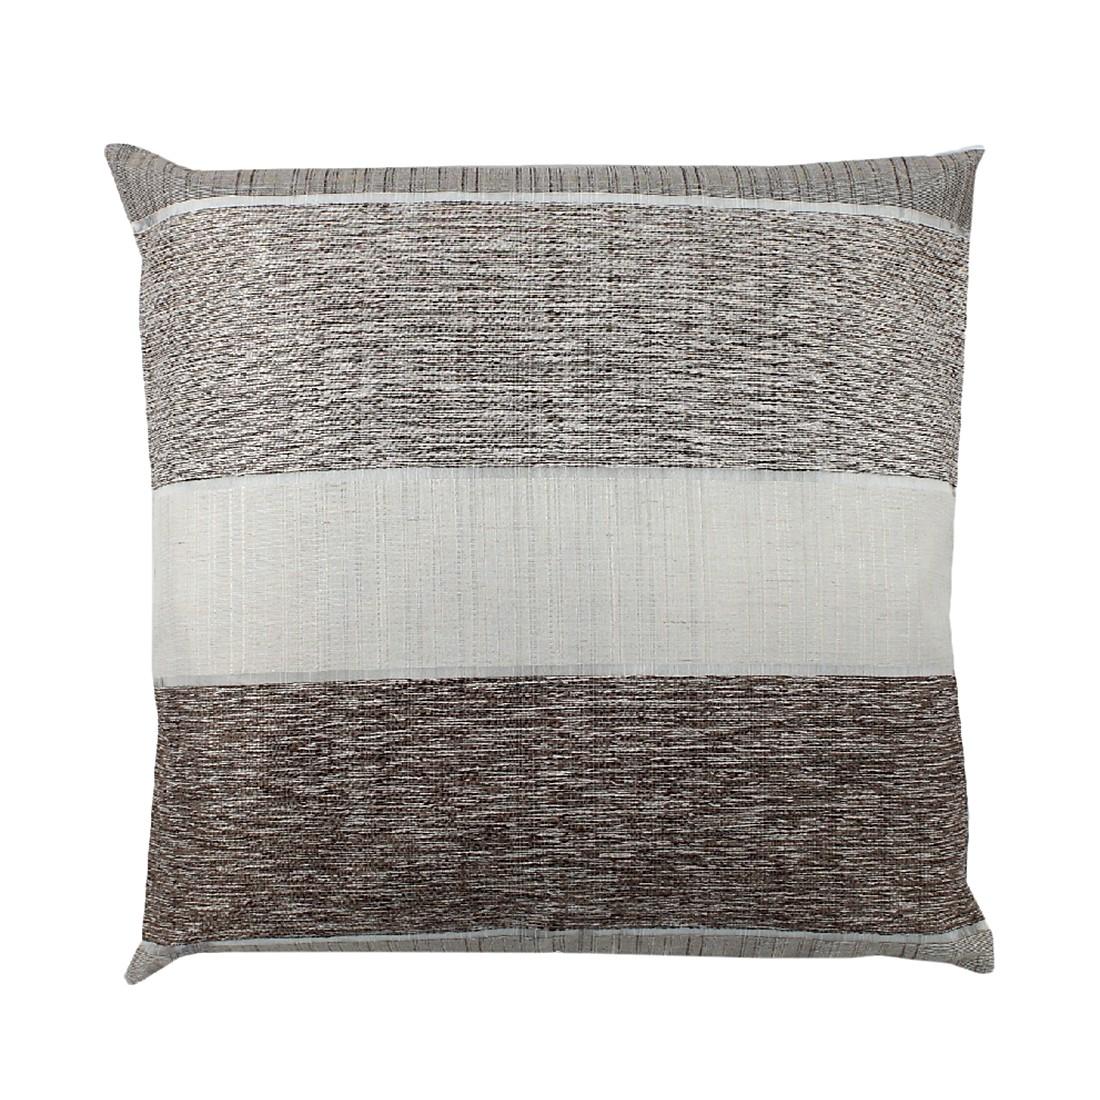 Kissenhülle Merdano – Braun – 40 x 40 cm, Home Wohnideen günstig online kaufen